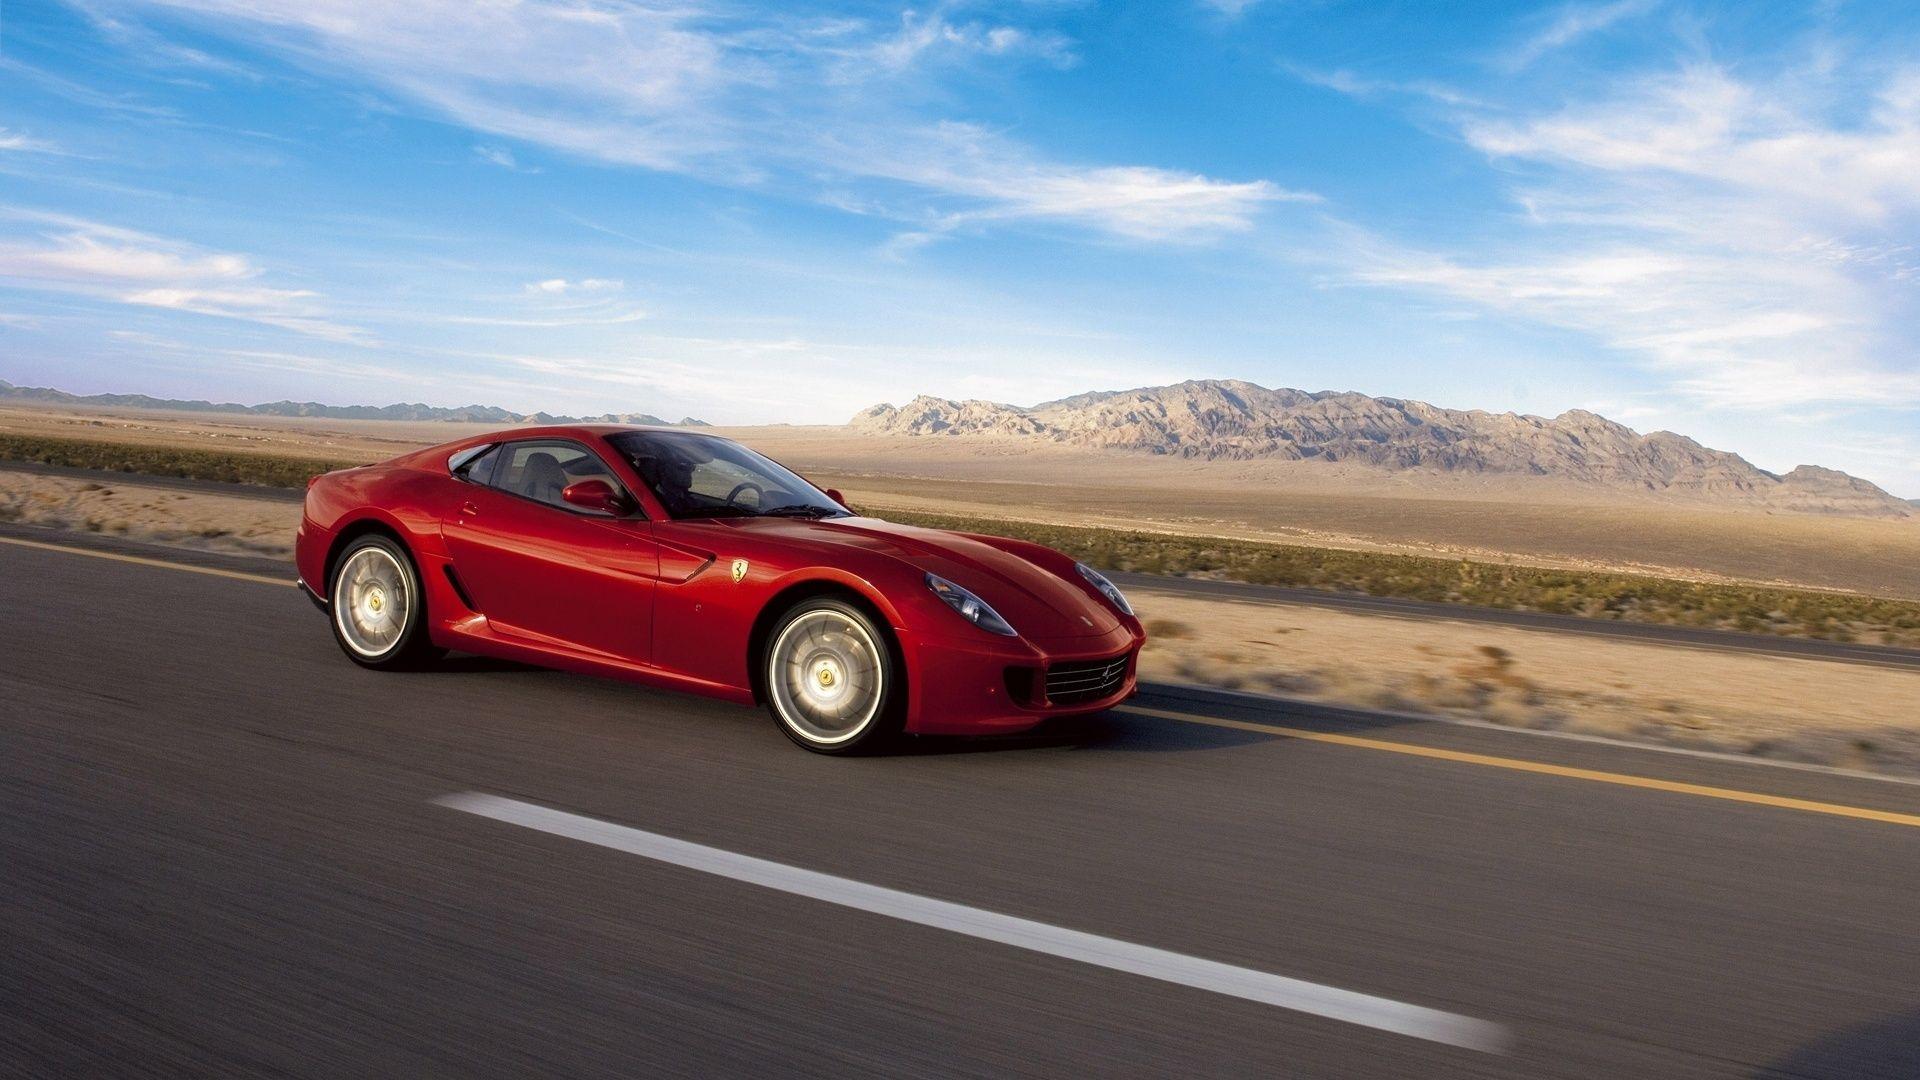 Коллекция самых быстрых автомобилей Криштиану Роналду (Фото) - изображение 7